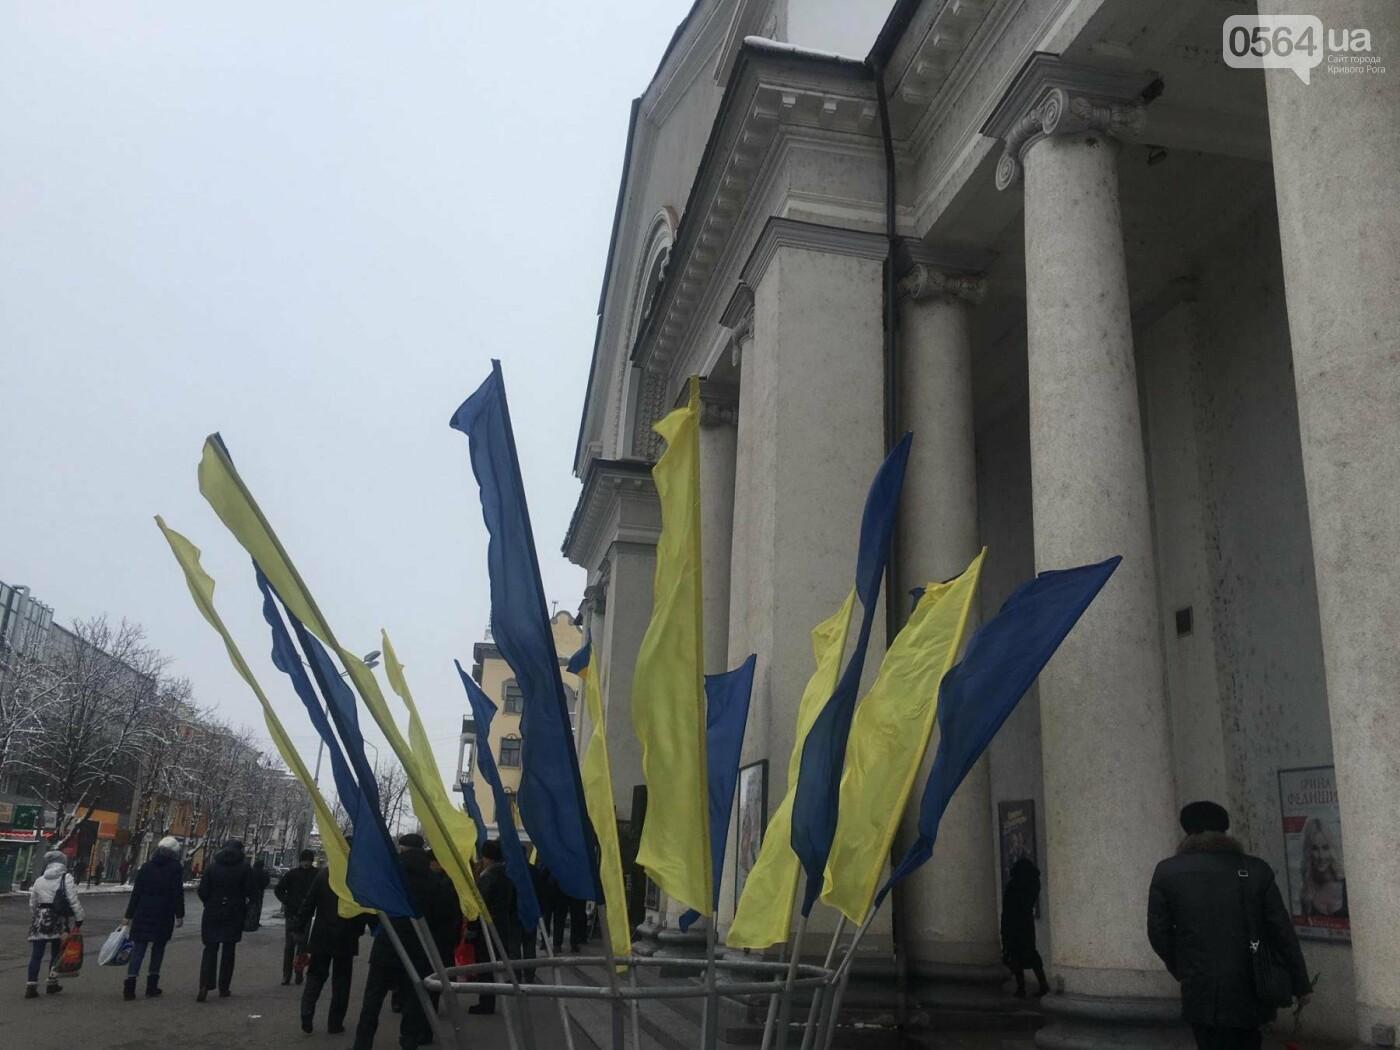 К вековому юбилею Украинской независимости Кривой Рог украсили флагами национальных цветов, фото-1